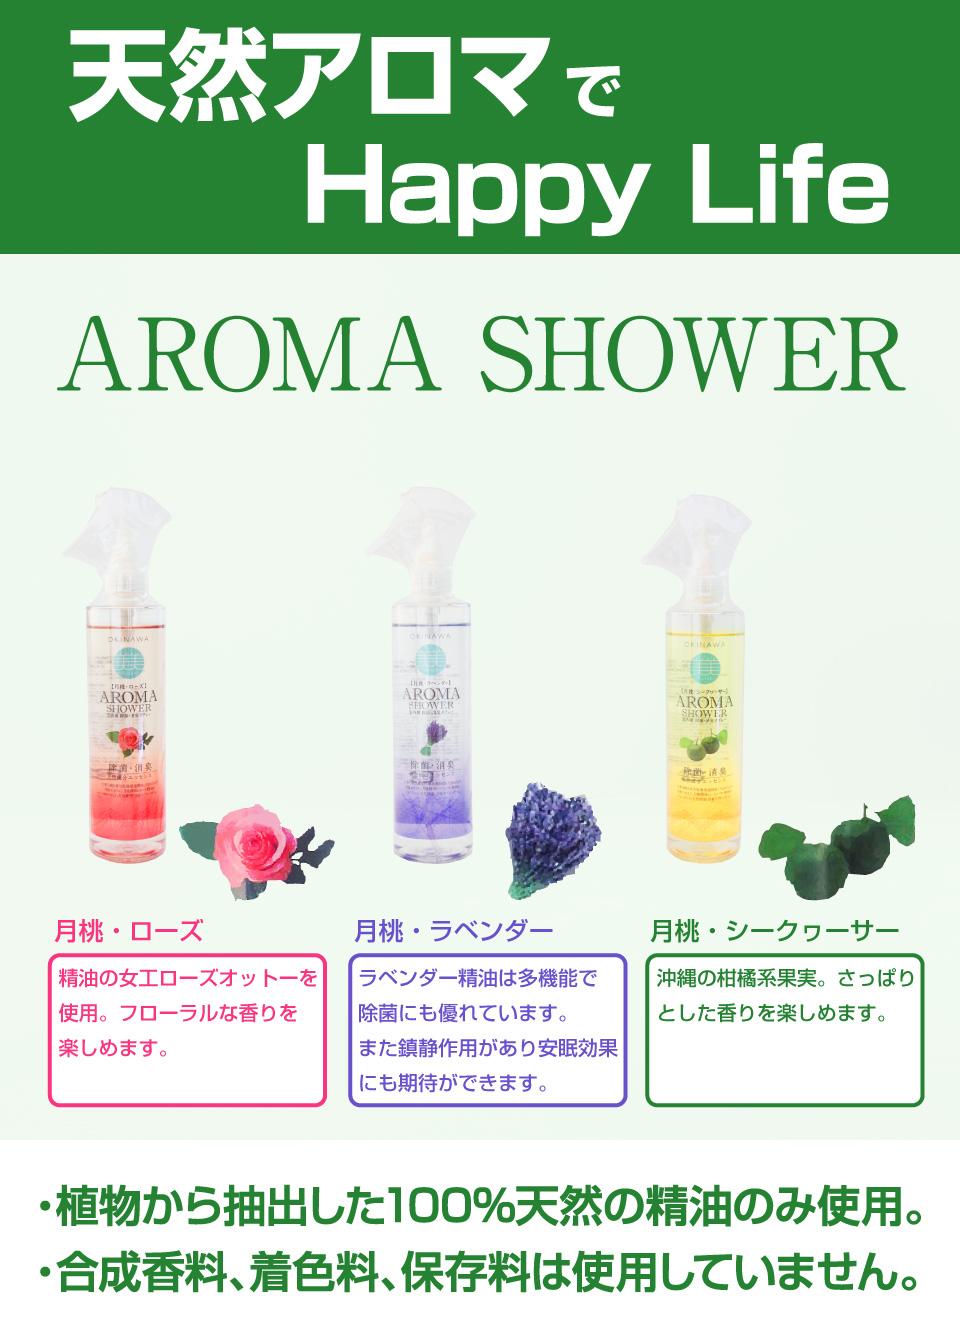 天然アロマでHappyLife!AROMA SHOWER